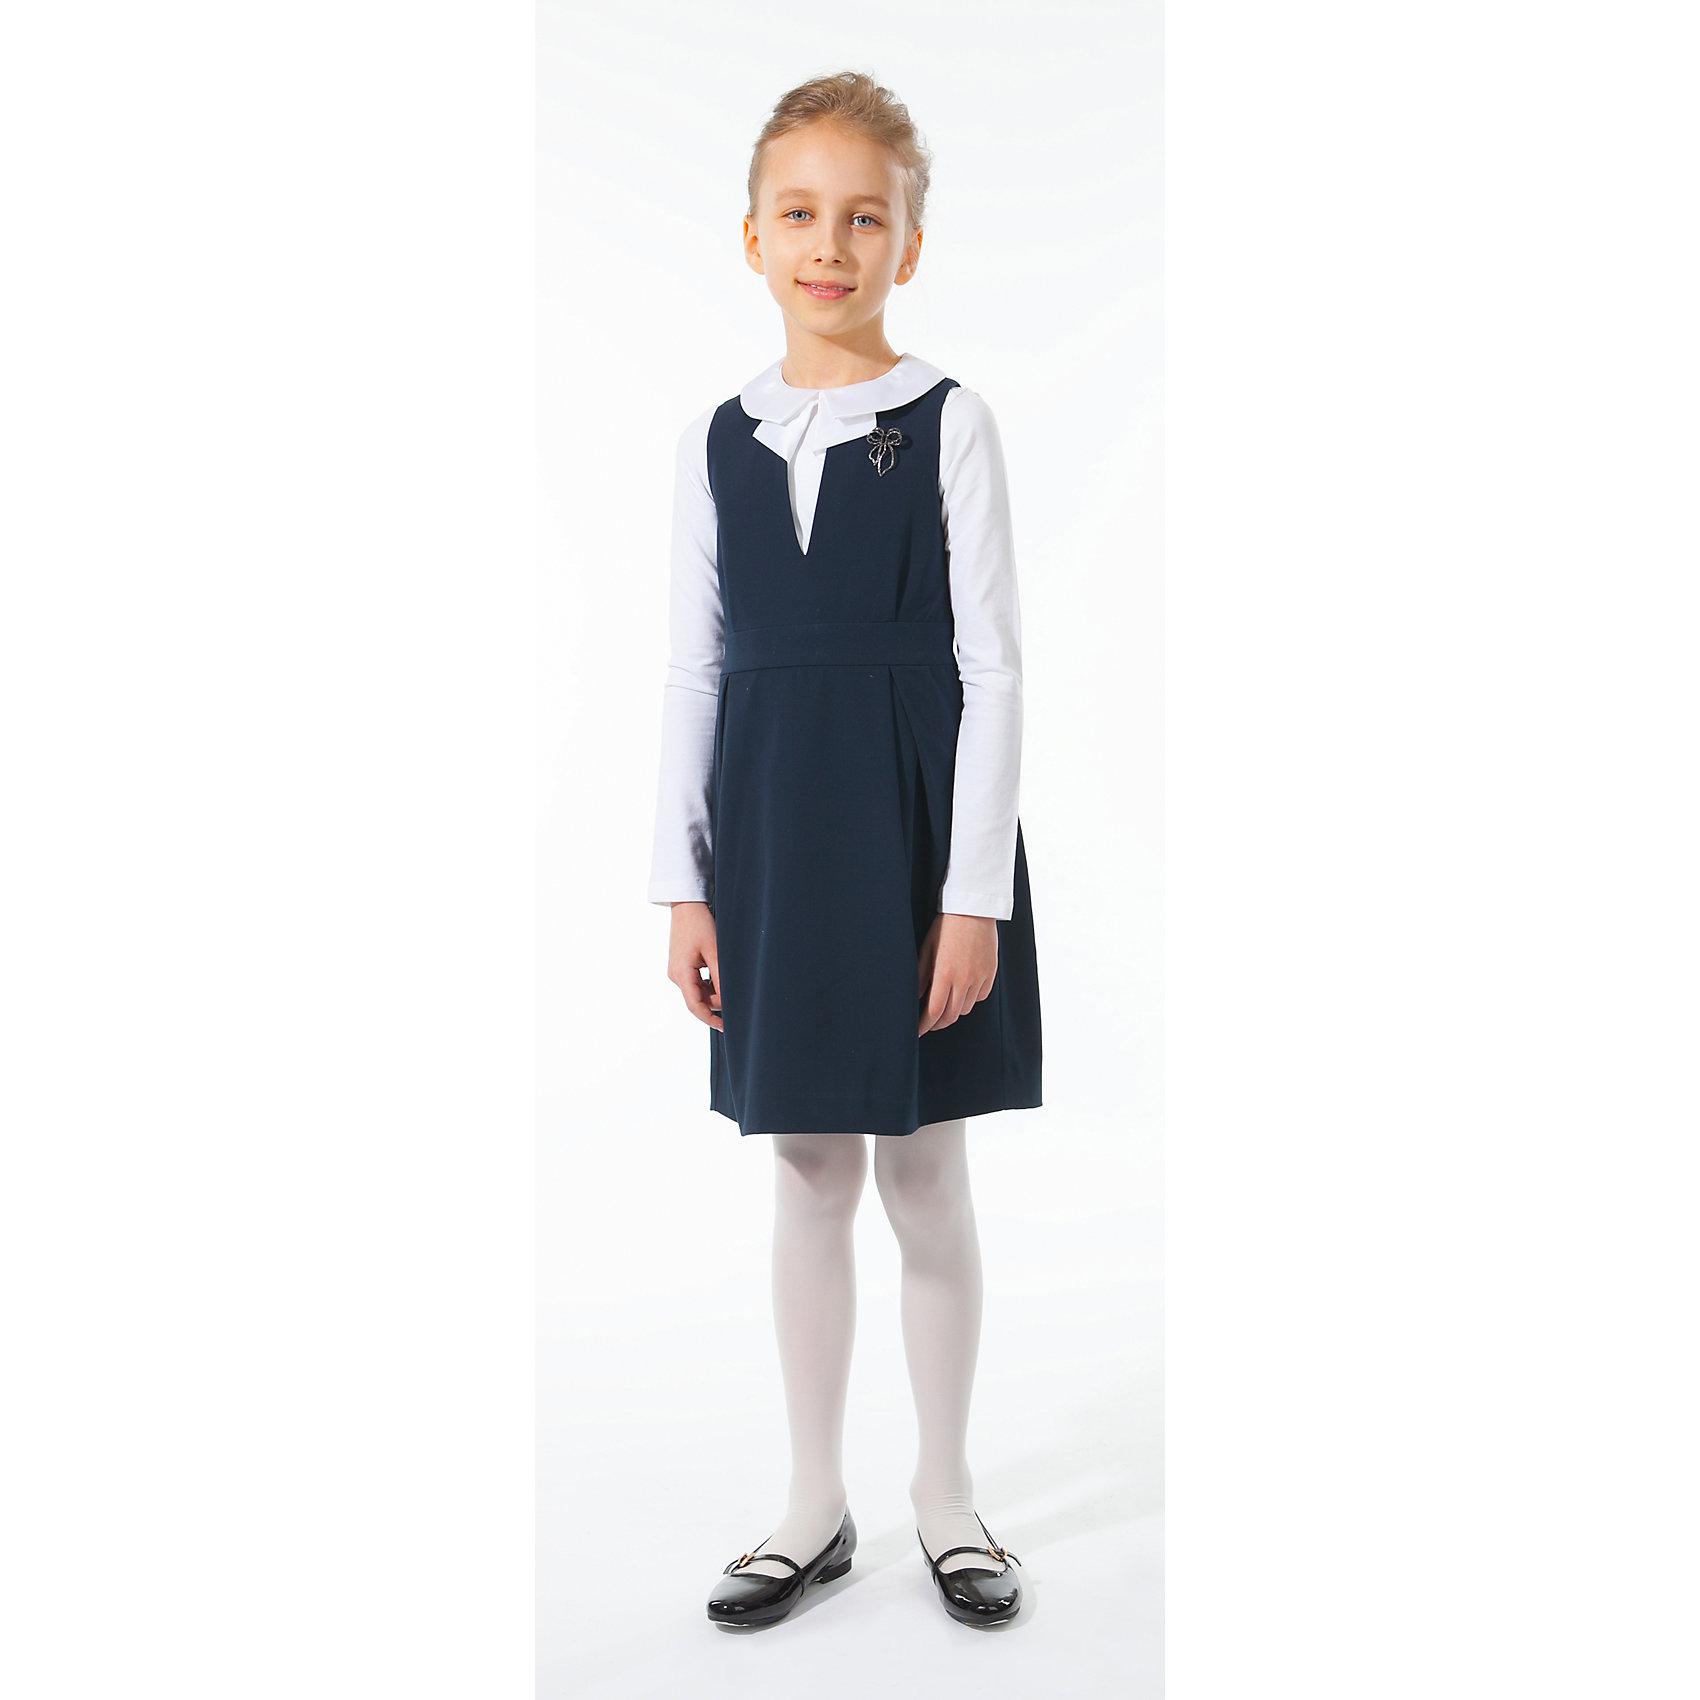 Сарафан Silver SpoonСарафан Silver Spoon (Сильвер Спун) - замечательно решение для маленьких модниц, которые хотят и на школьных занятиях выглядеть стильно и неповторимо. Элегантная модель очень легкая и комфортная, ткань приятна на ощупь, не раздражает кожу и позволяет ей дышать. У сарафана приталенный силуэт, широкие бретельки, горловина с V-образный вырезом, застежка-молния на спине. Украшен съемной брошкой в виде бабочки. Отлично сочетается с блузками, рубашками и водолазками. Все модели Сильвер Спун предназначены для повседневного интенсивногоиспользования и выполнены из прочных тканей, которые позволяют вещам выглядеть великолепно на протяжении длительного срока эксплуатации. Рекомендуется щадящая ручная стирка, гладить при низкой температуре.<br><br>Дополнительная информация:<br><br>- Цвет: темно-синий.<br>- Материал: 63% полиэстер, 32% вискоза, 5% спандекс.<br> <br>Сарафан, Silver Spoon (Сильвер Спун), можно купить в нашем интернет-магазине.<br><br>Ширина мм: 236<br>Глубина мм: 16<br>Высота мм: 184<br>Вес г: 177<br>Цвет: разноцветный<br>Возраст от месяцев: 108<br>Возраст до месяцев: 120<br>Пол: Женский<br>Возраст: Детский<br>Размер: 140,146,158,152,128,134,122<br>SKU: 4146114